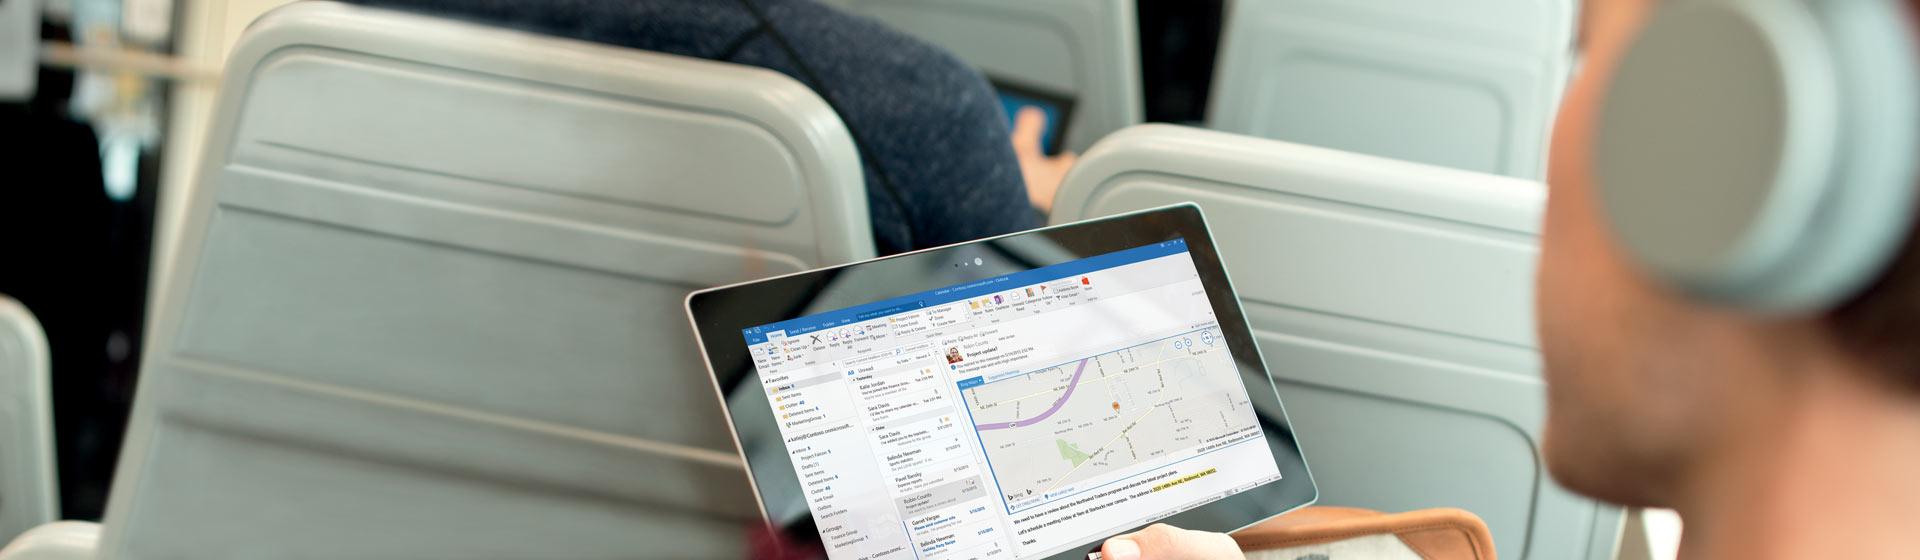 En mann holder et nettbrett som viser e-postinnboksen i Office 365